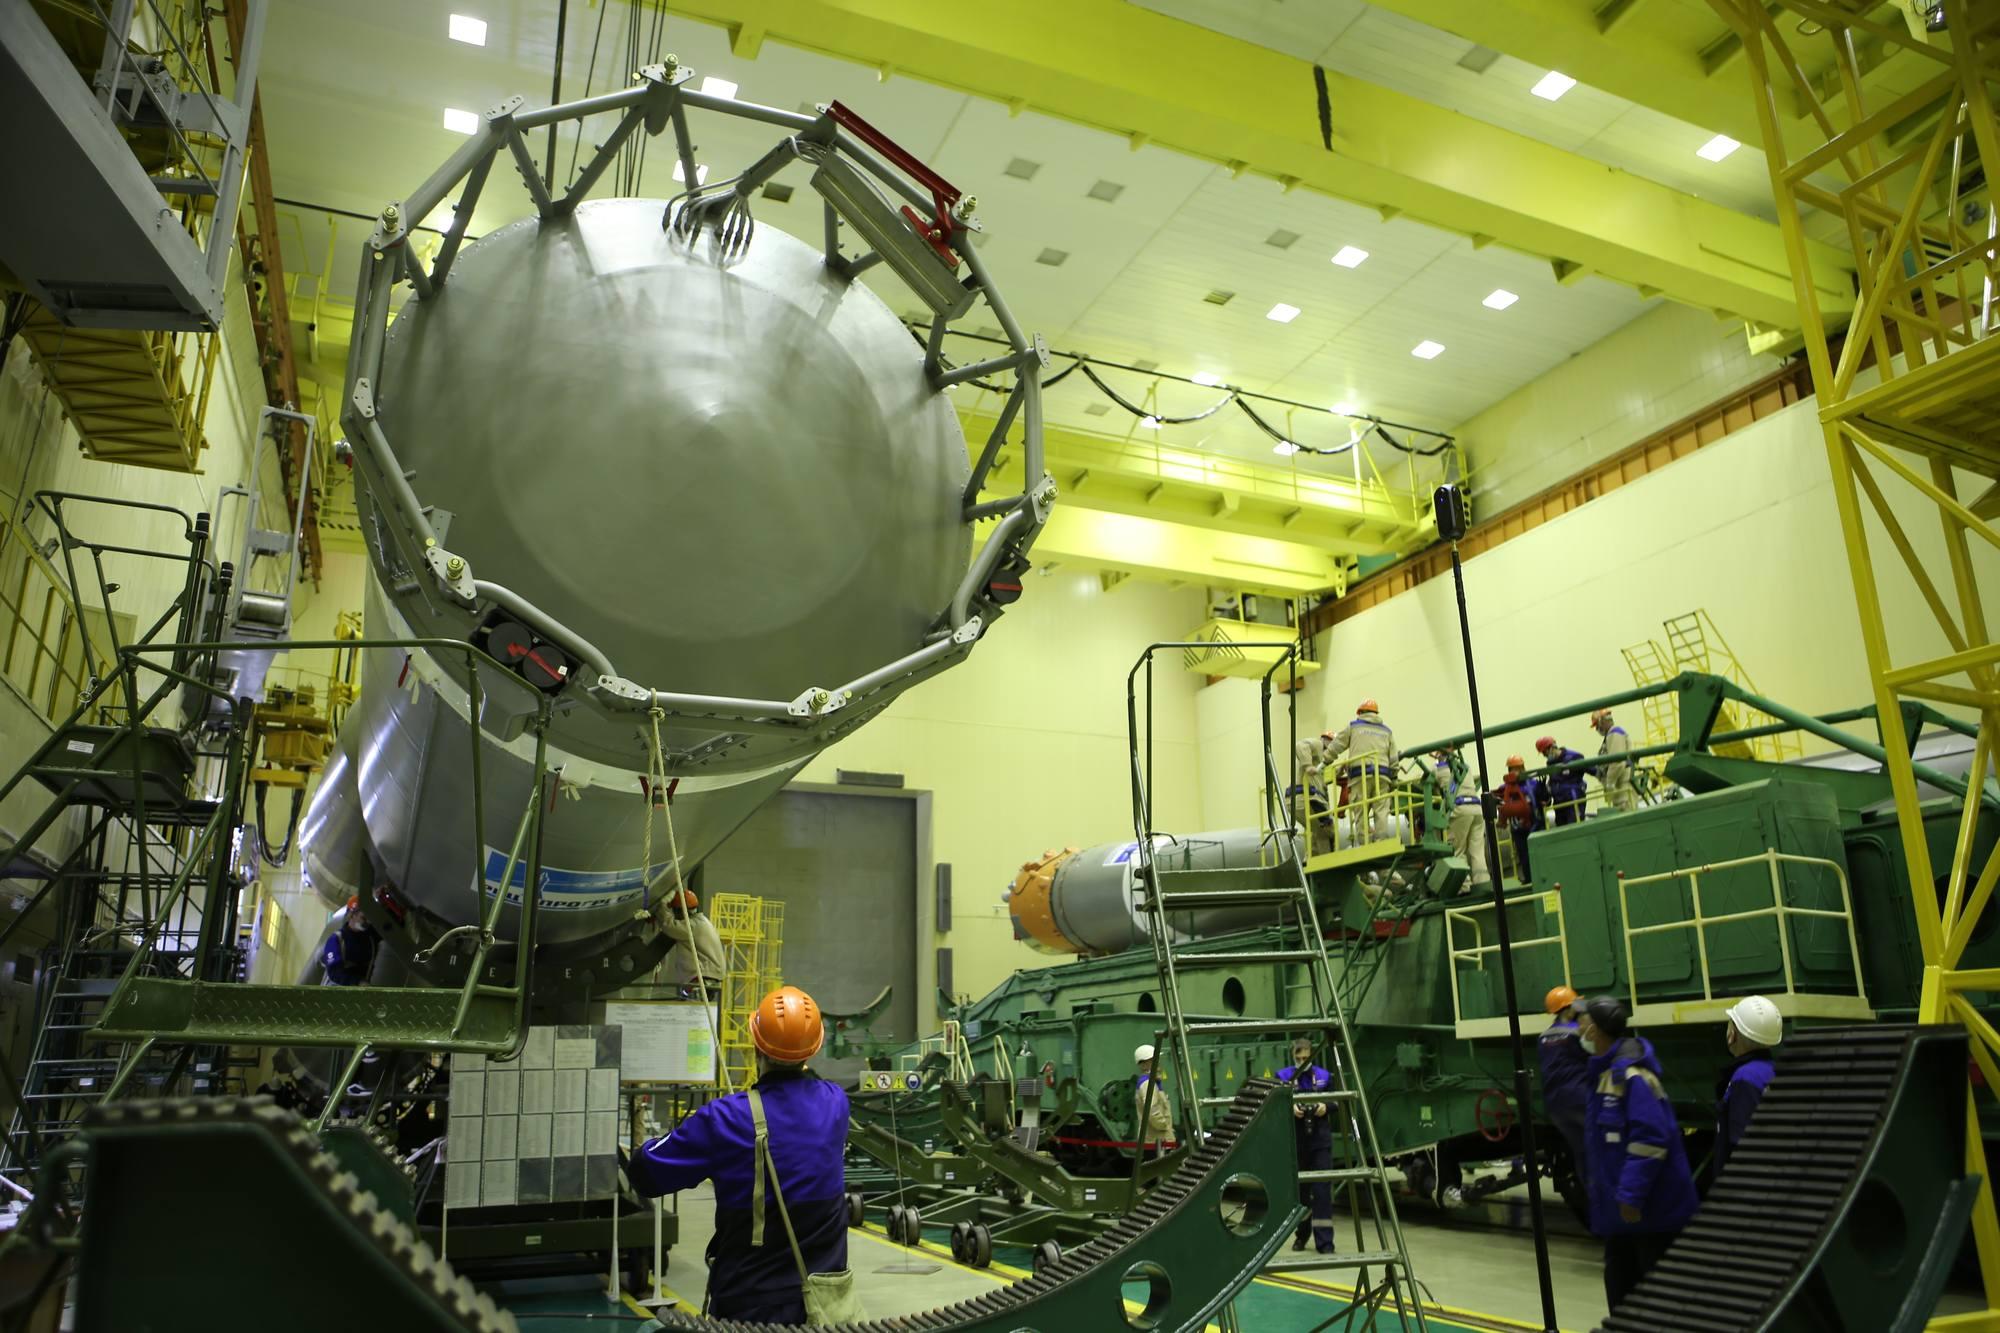 La partie inférieure du lanceur Soyouz 2.1a.